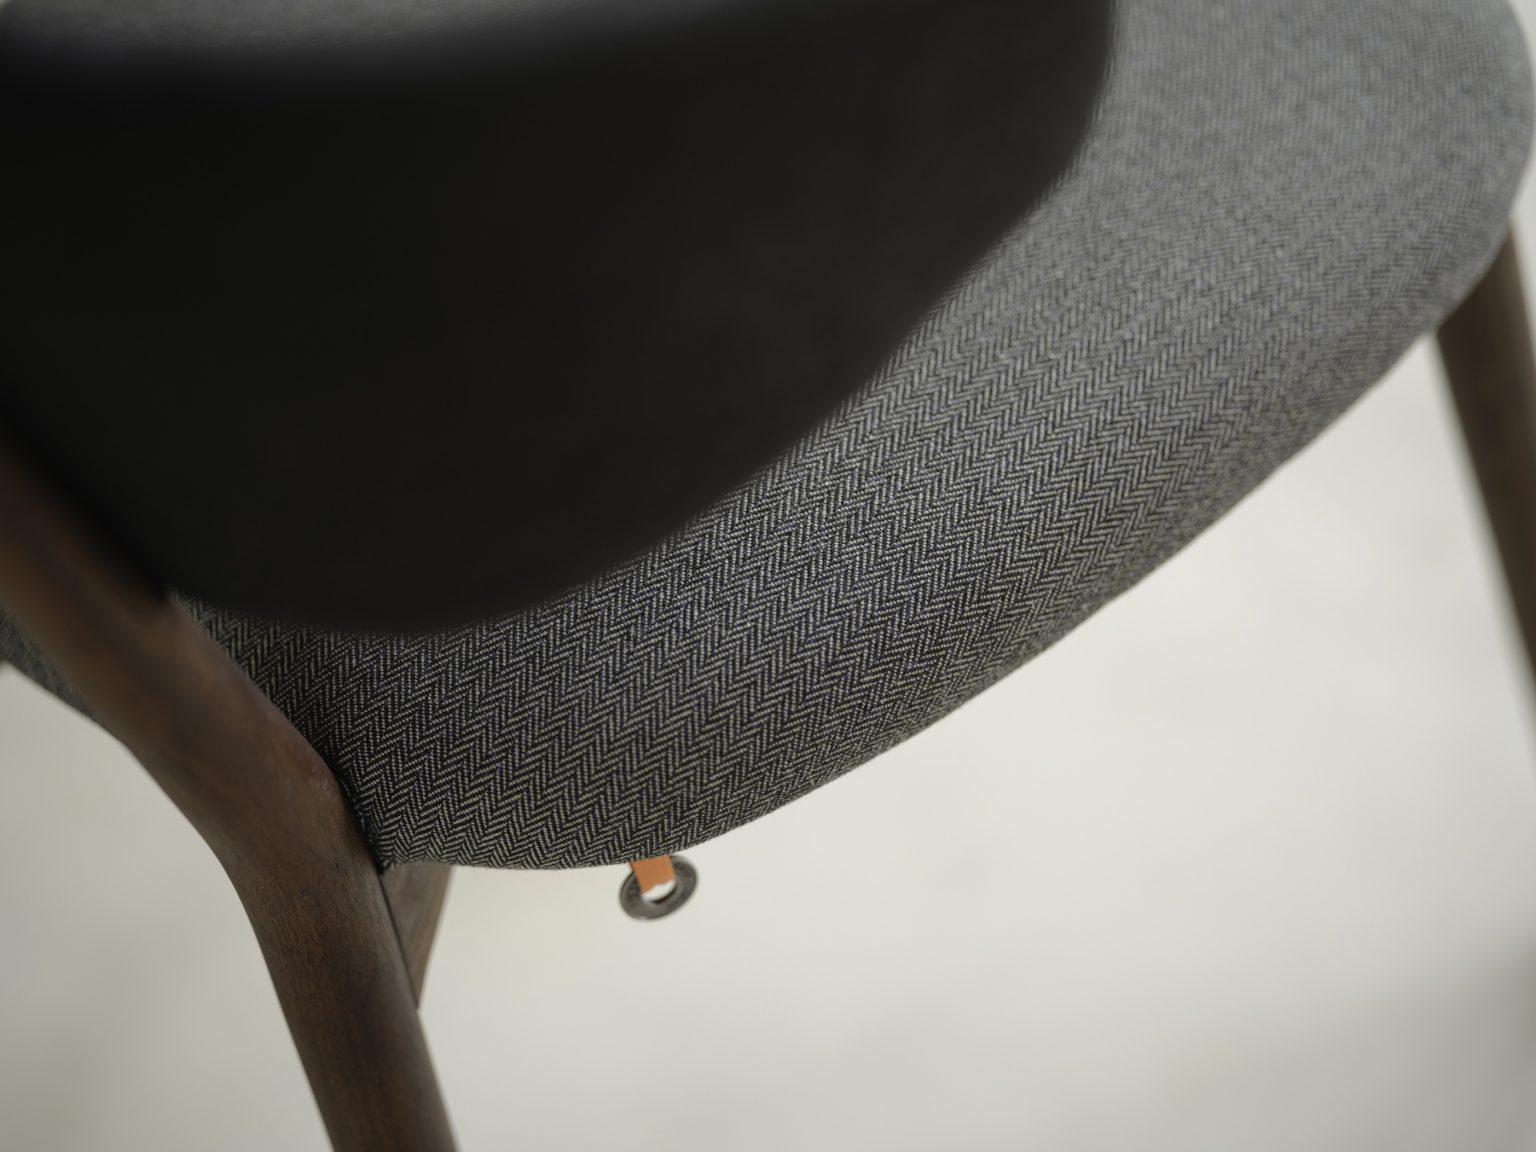 Biennale Interieur - Belgium's leading design and interior event - Toro__29.jpg